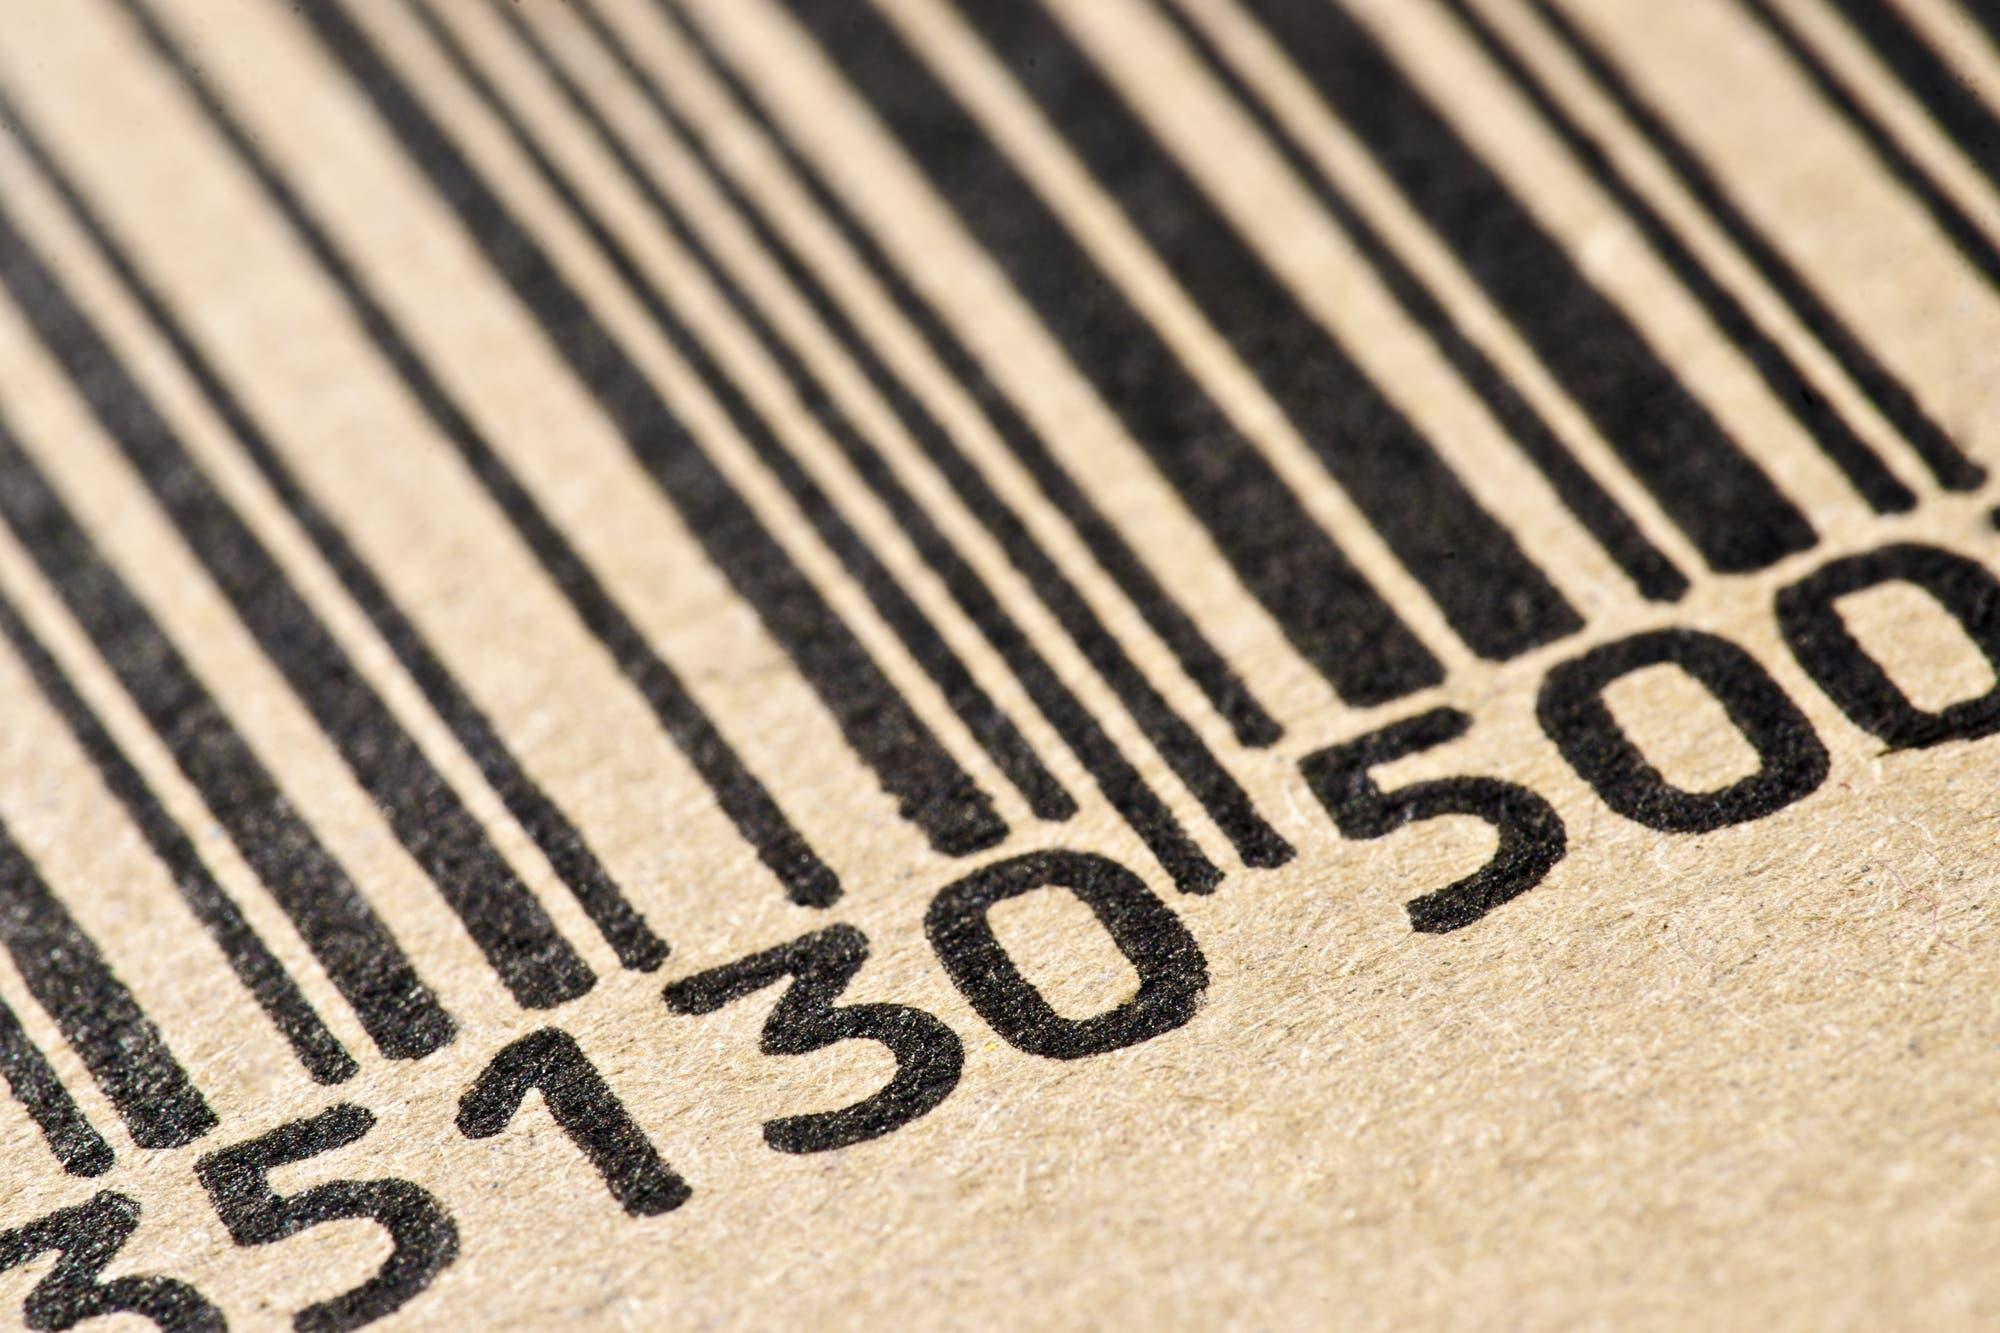 Código de barras: cómo un código que salió de la arena de una playa transformó el comercio mundial